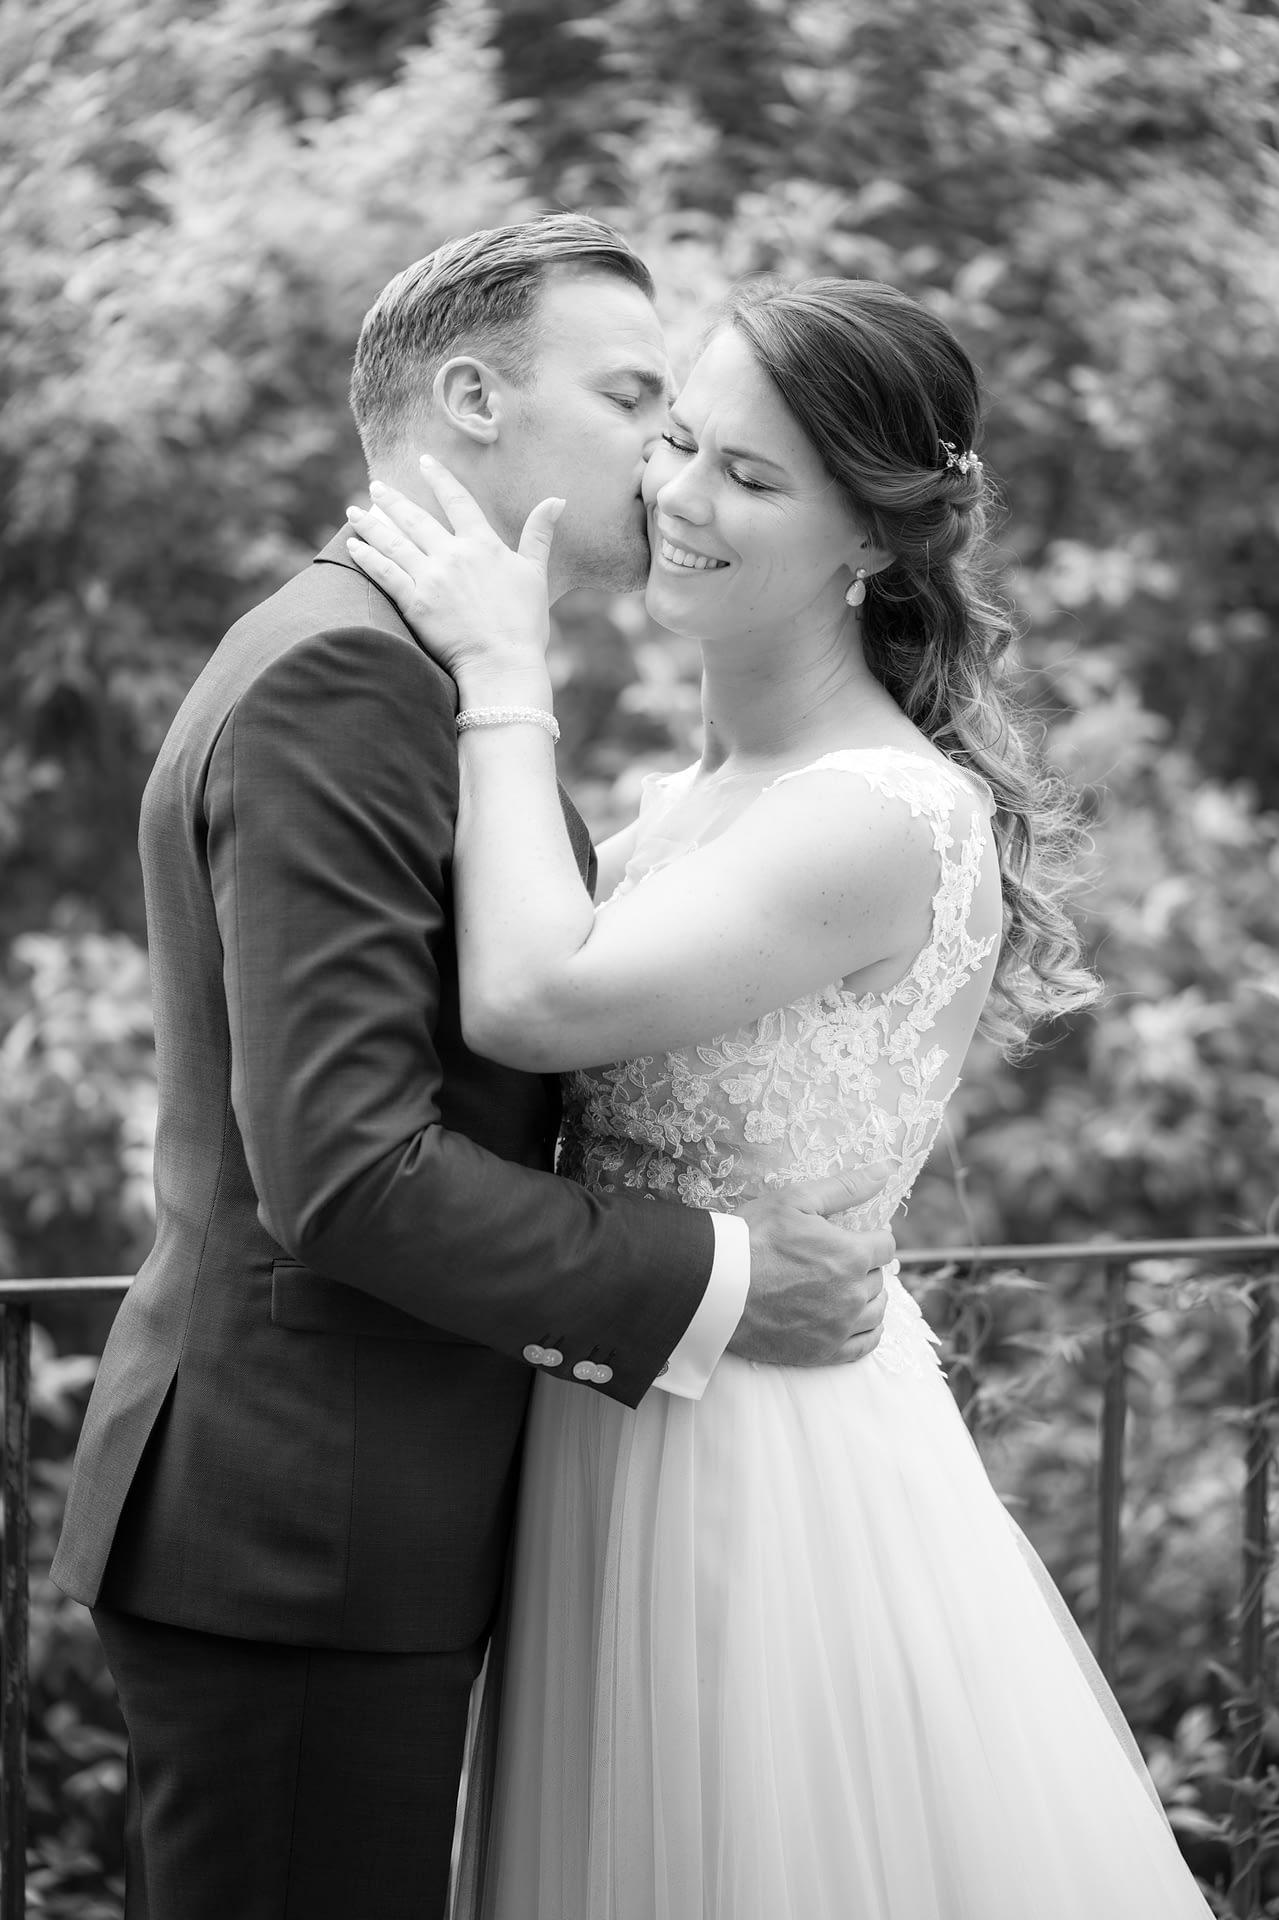 Pierluigi Cavarra - fotografo de bodas y eventos - wedding photographer costa blanca - ejemplo -37